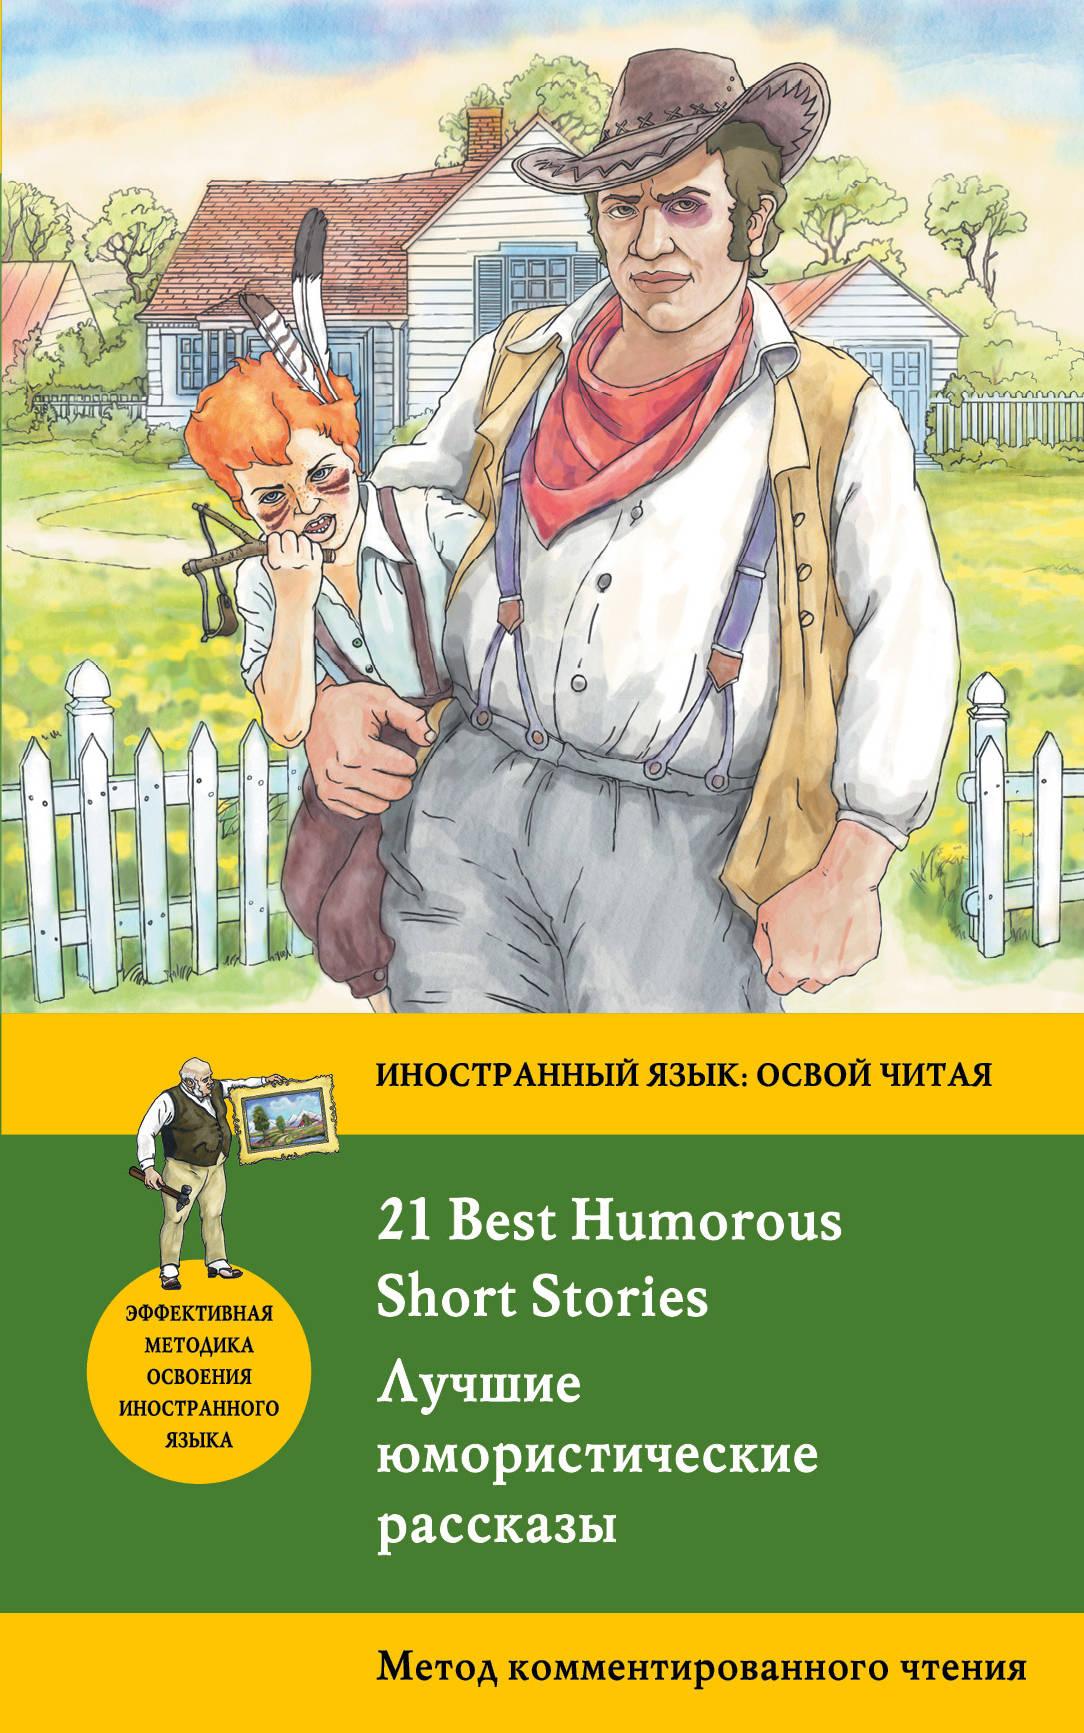 Лучшие юмористические рассказы. Метод комментированного чтения / 21 Best Humorous Short Stories лучшие юмористические рассказы 21 best humorous short stories метод комментированного чтения